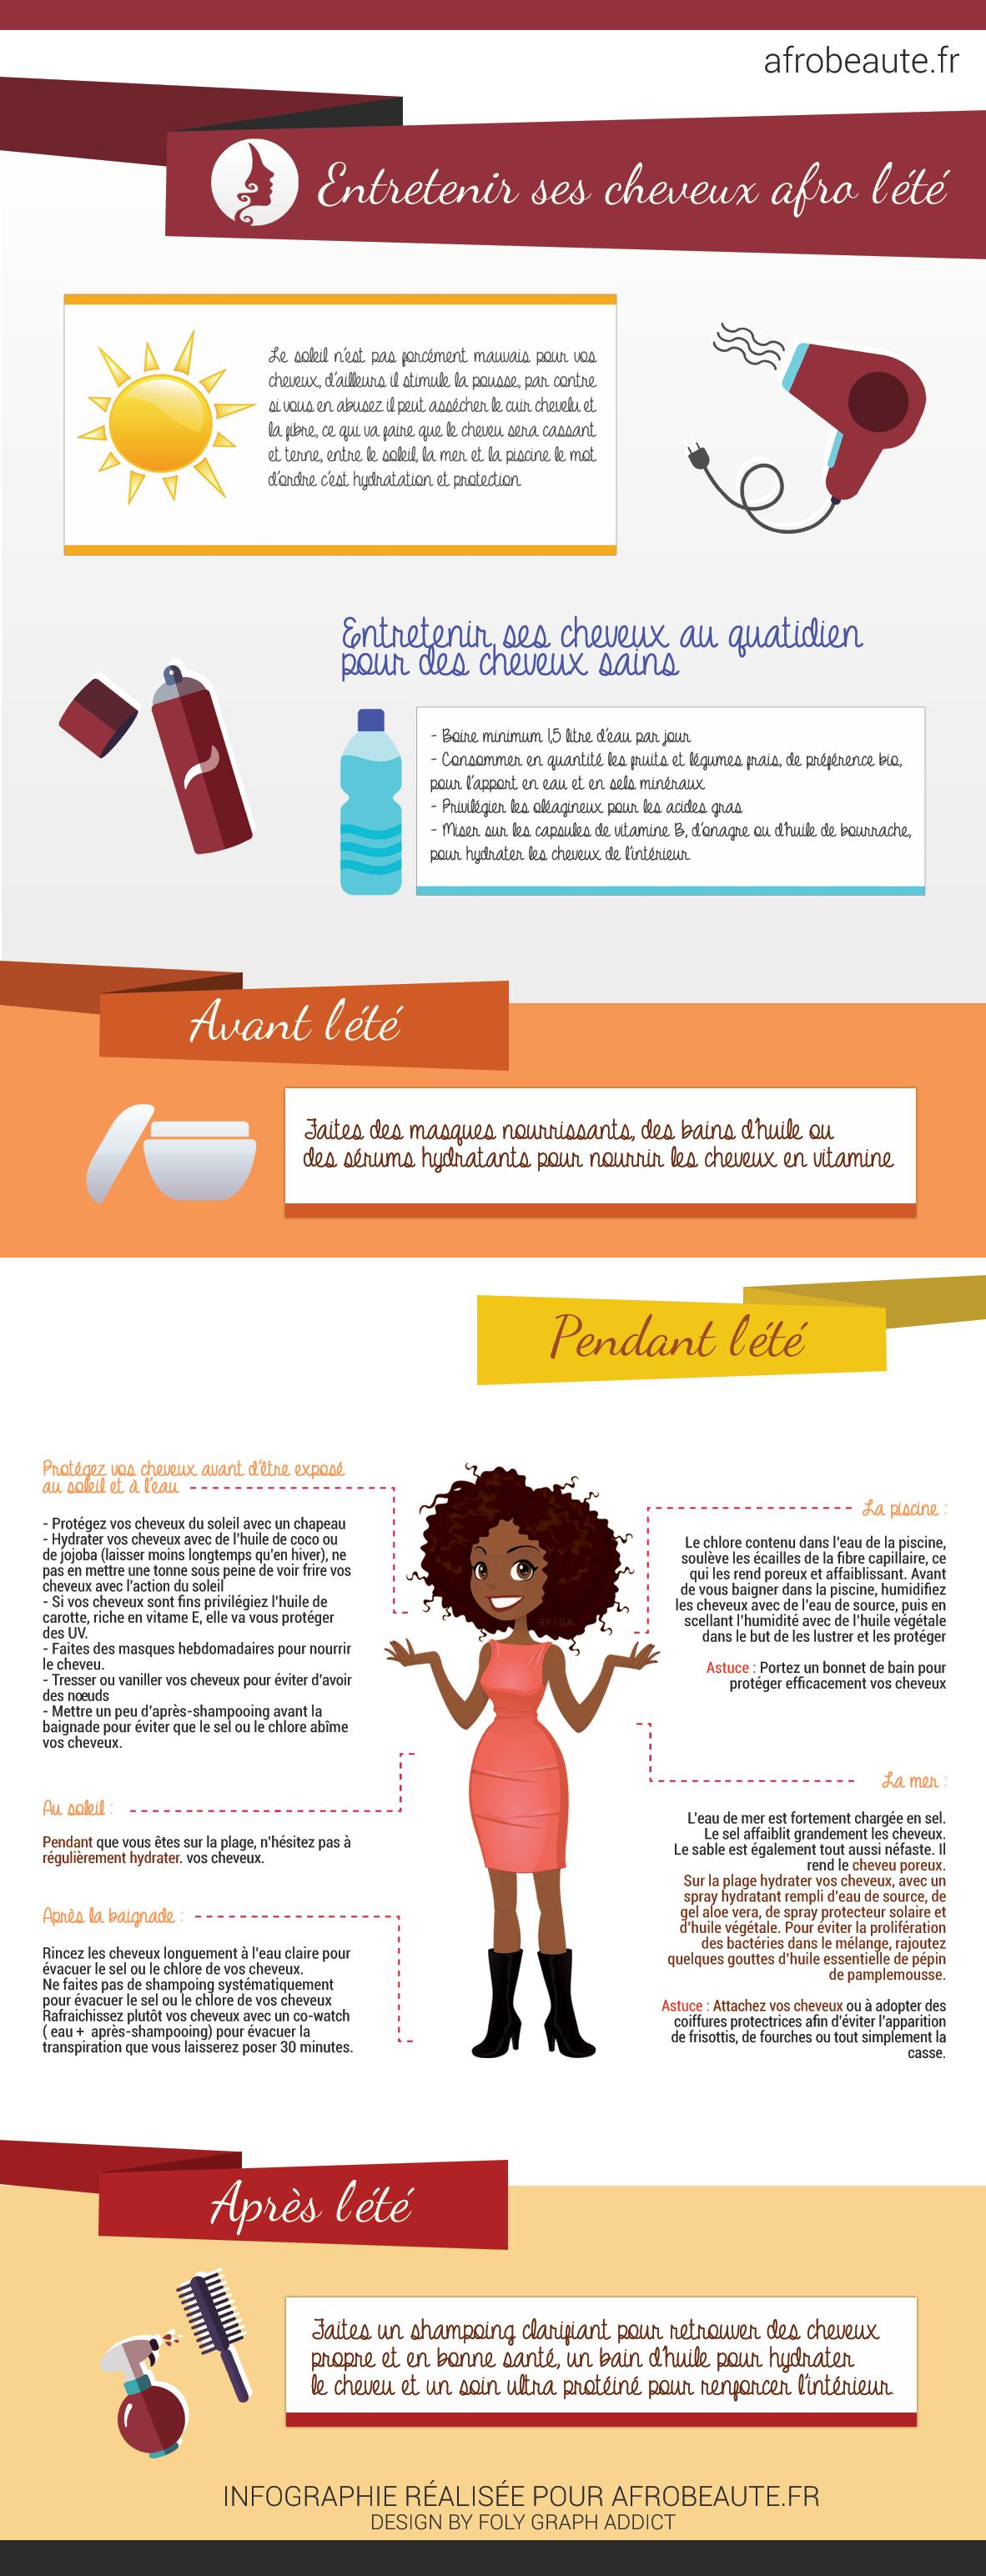 Infographie entretenir ses cheveux afro en été